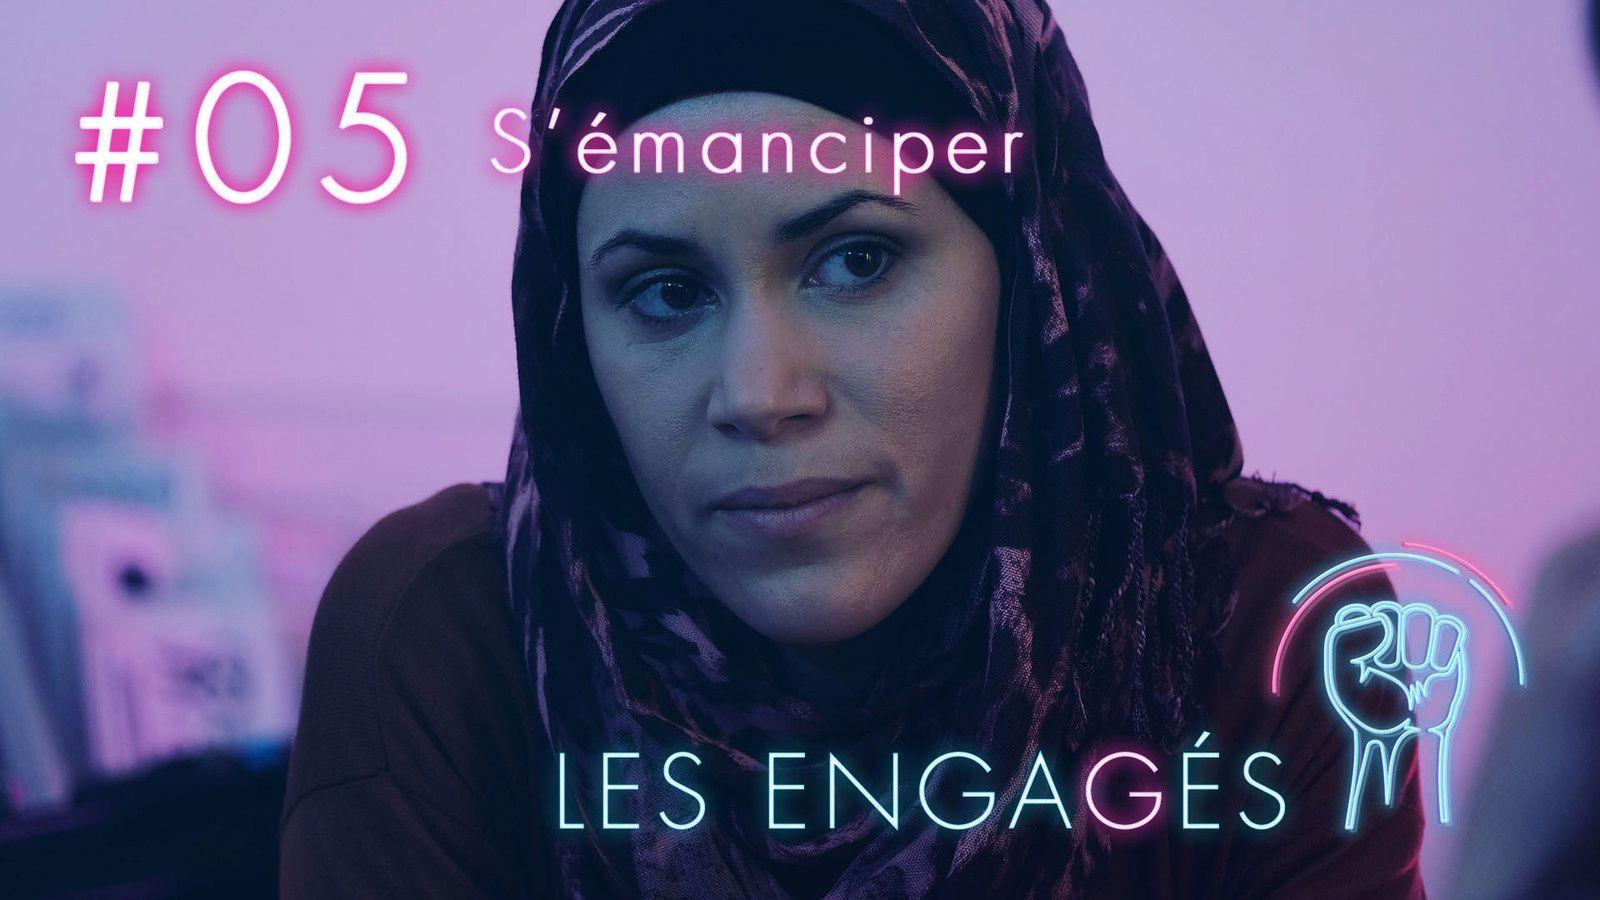 """""""S'émanciper"""" - LES ENGAGÉS, épisode #05 est maintenant disponible"""